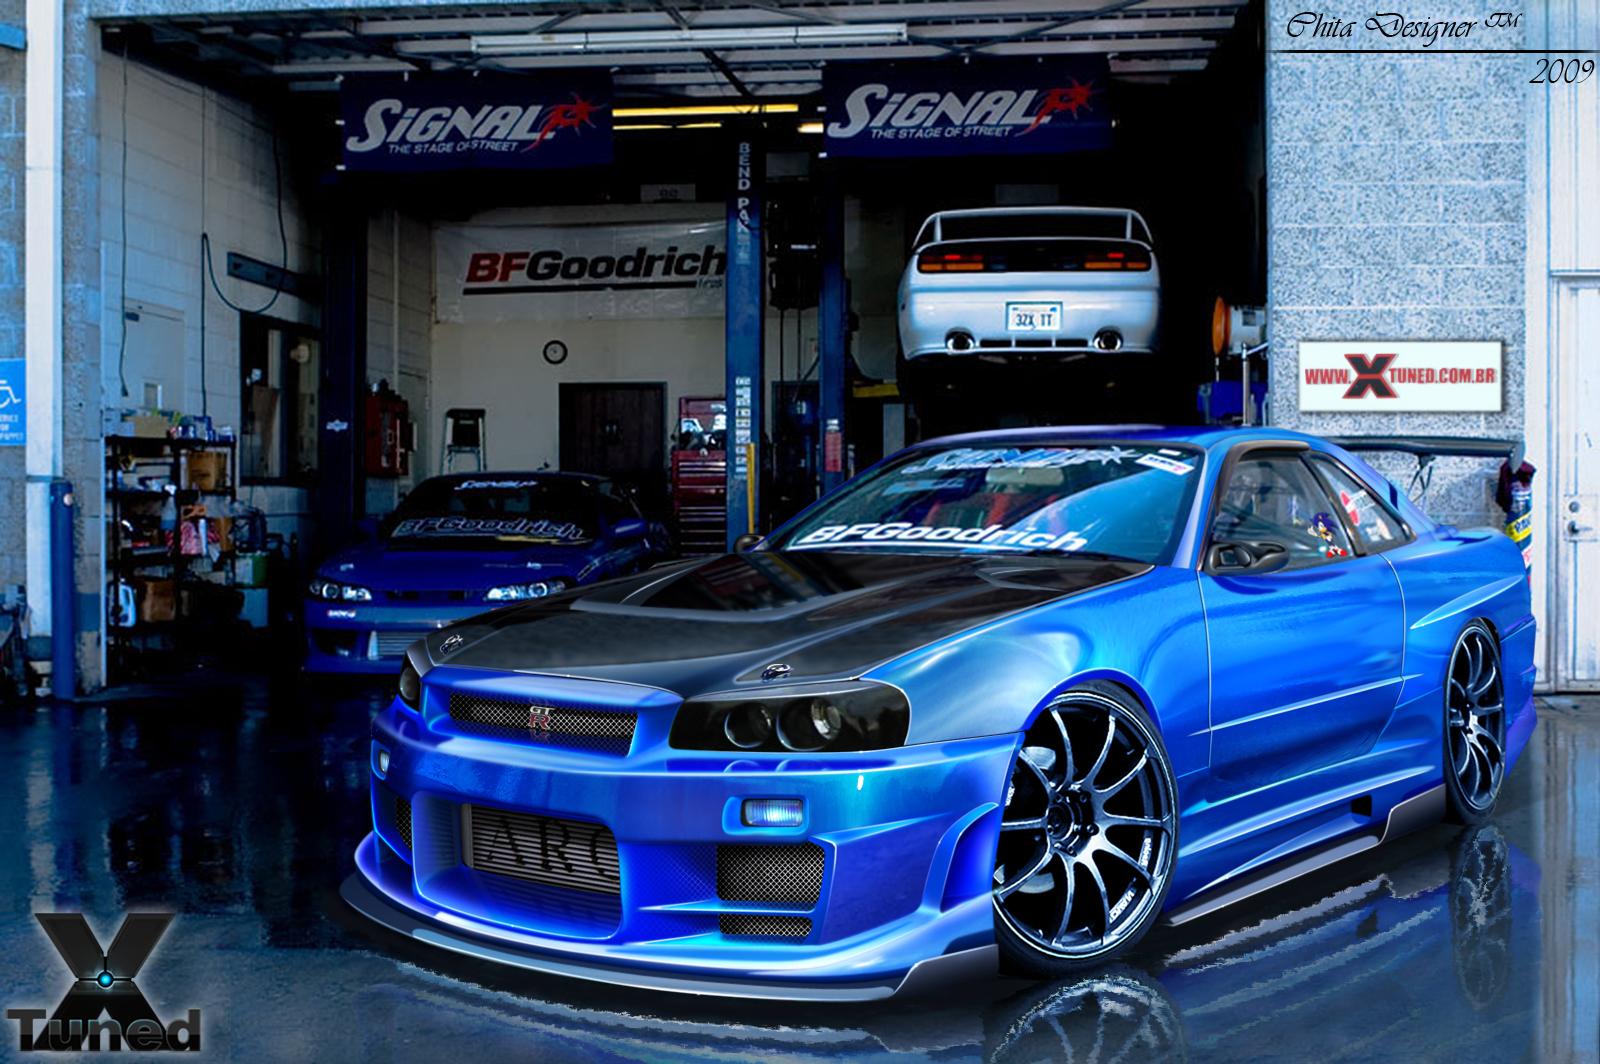 http://3.bp.blogspot.com/-oSbQm39G76k/Tx6ER0Jf-vI/AAAAAAAAN94/TXZiGavlR78/s1600/Nissan_Skyline_R34_GTR_by_ChitaDesigner.jpg